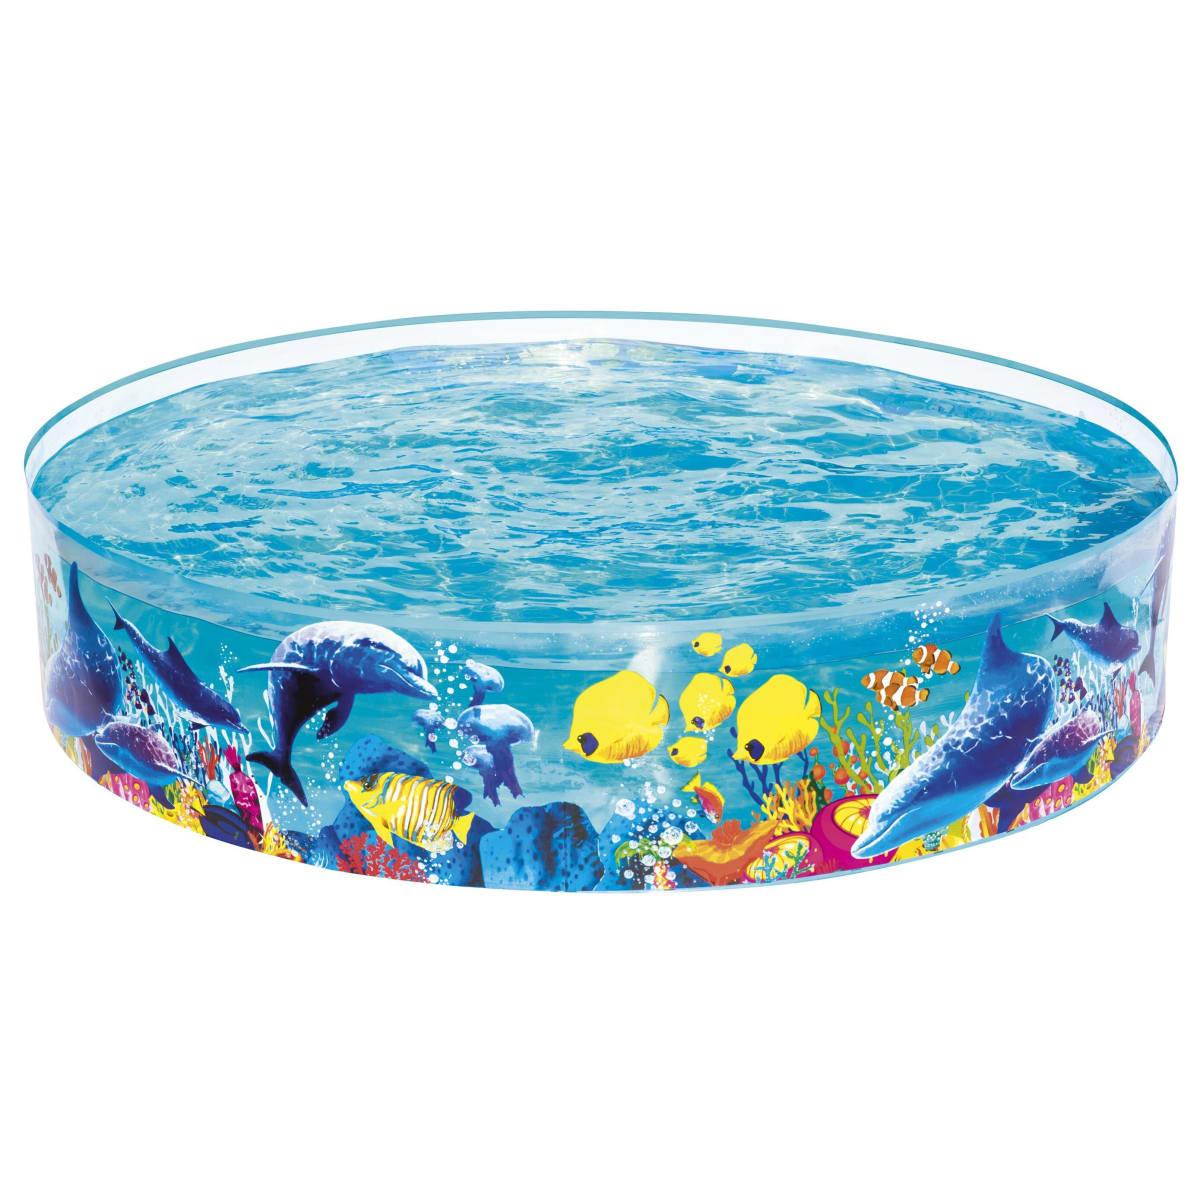 Бассейн надувной круглый детский Bestway Fill-n-Fun Odyssey183x183x38 см 946 л